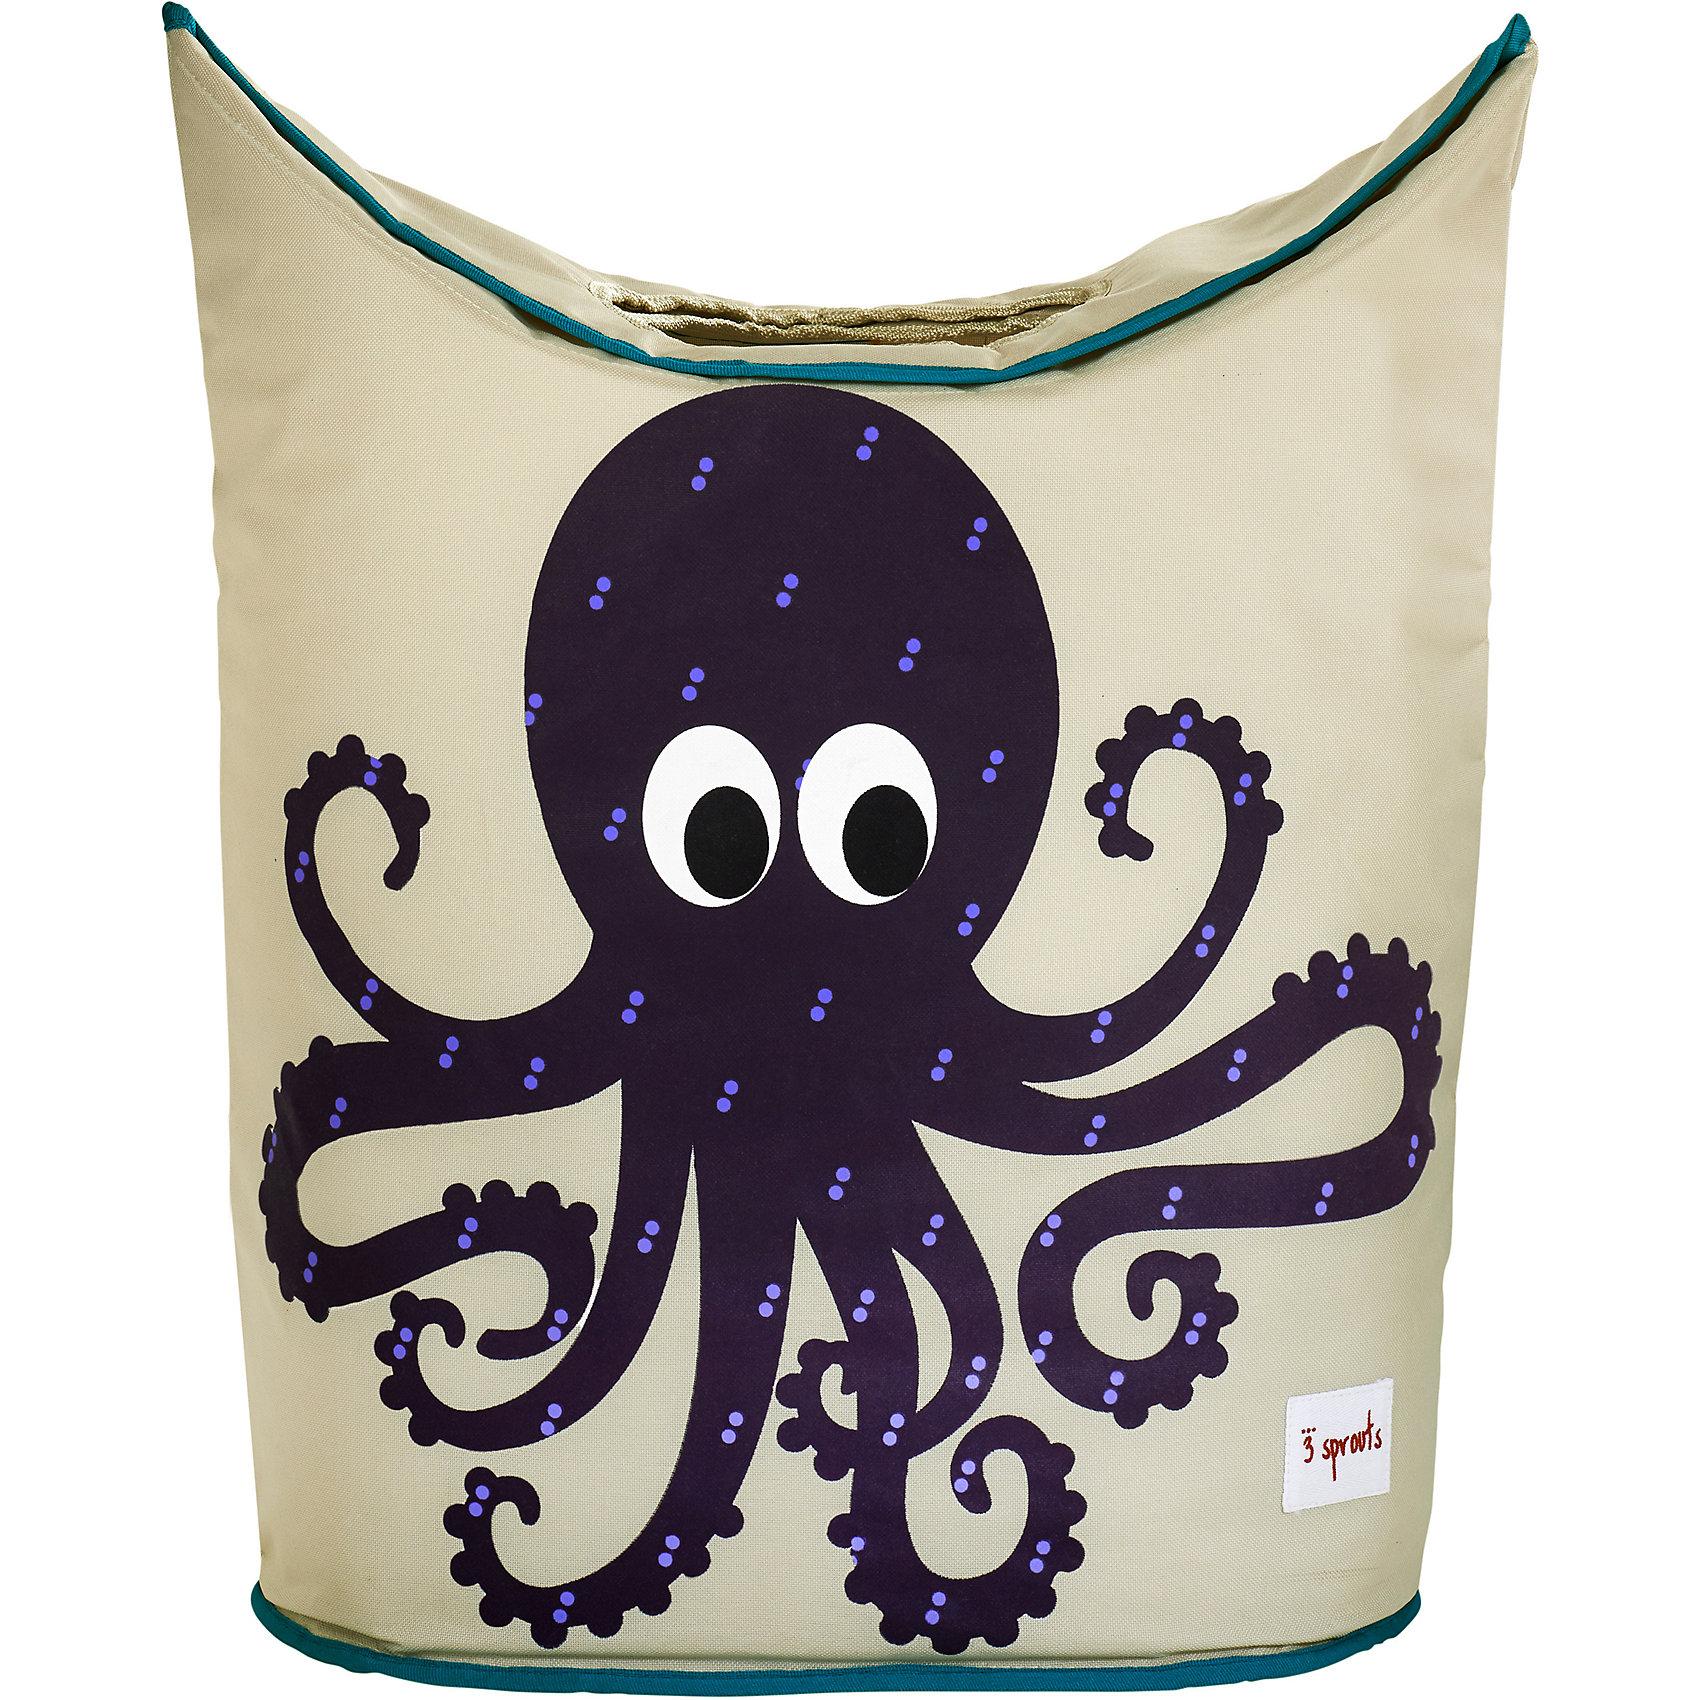 Корзина для белья Осьминог (Purple Octopus), 3 SproutsВанная комната<br>Стильная корзина для хранения белья будет прекрасным декором в Вашей комнате!<br><br>Дополнительная информация:<br><br>- Размер: 56х48х28 см.<br>- Материал: полиэстер, полипропилен.<br>- Орнамент: Осьминог.<br><br>Купить корзину для белья Осьминог (Purple Octopus), можно в нашем магазине.<br><br>Ширина мм: 600<br>Глубина мм: 20<br>Высота мм: 40<br>Вес г: 554<br>Возраст от месяцев: 0<br>Возраст до месяцев: 588<br>Пол: Унисекс<br>Возраст: Детский<br>SKU: 5098243